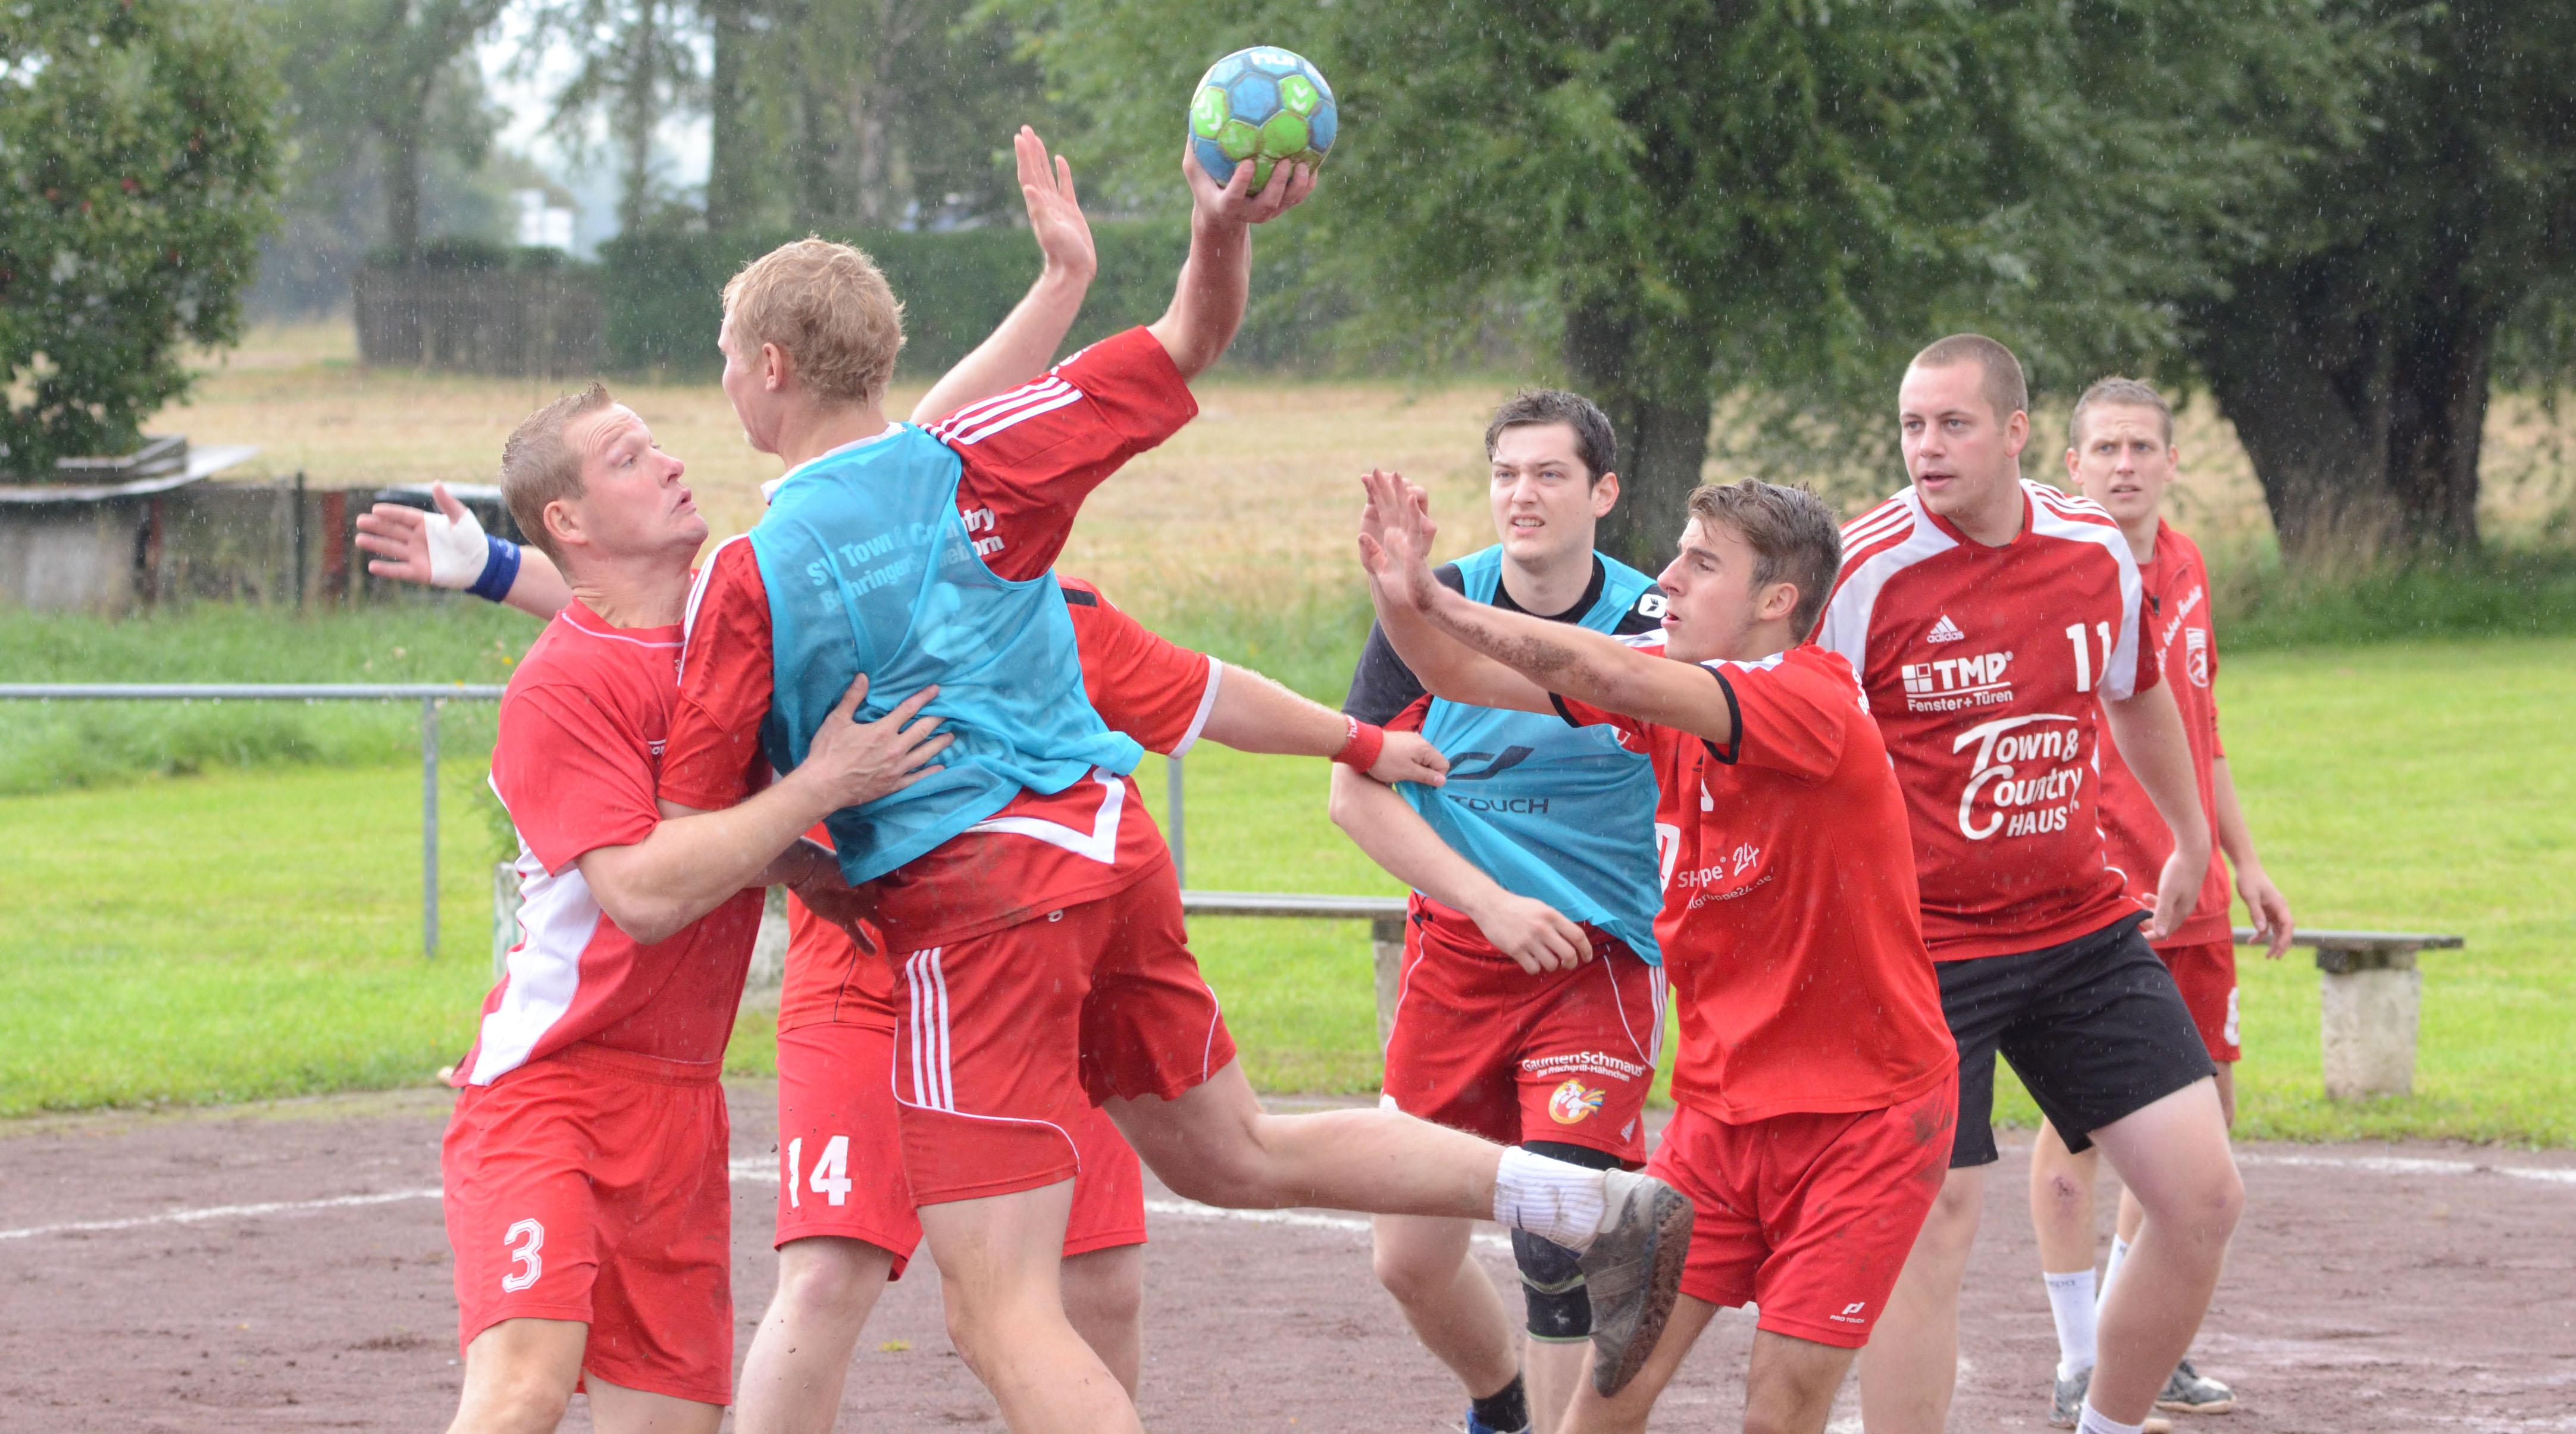 SV Town & Country Behringen-Sonneborn: Gut vorbereitet in die neue Meisterschaftsrunde